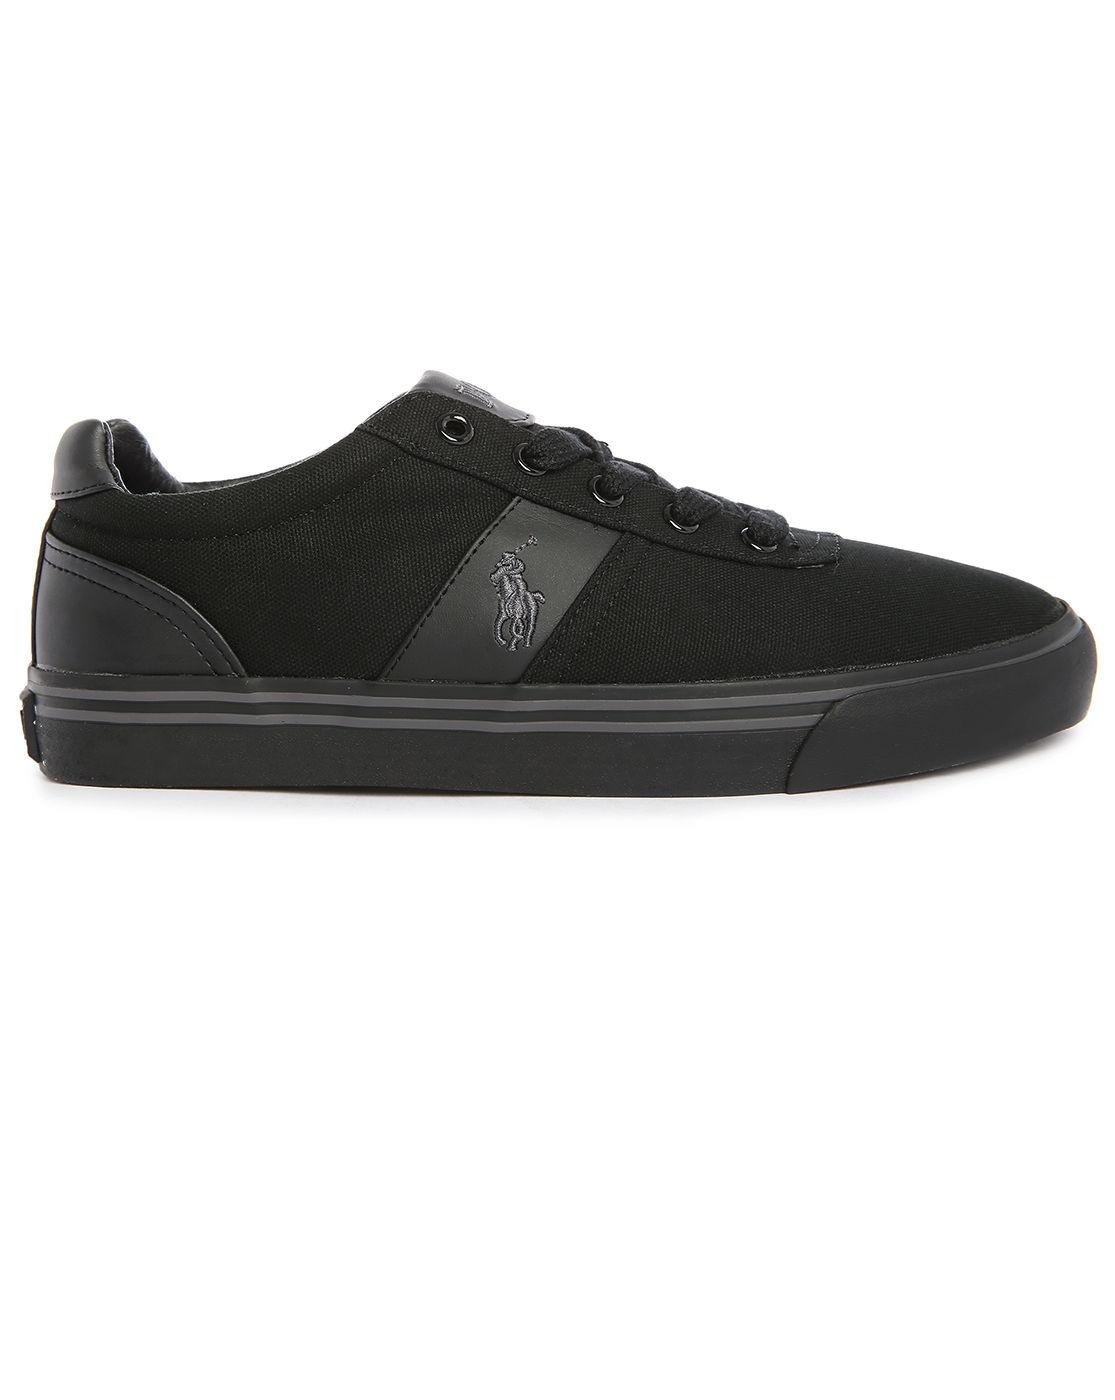 Black Ralph Lauren Canvas Shoes